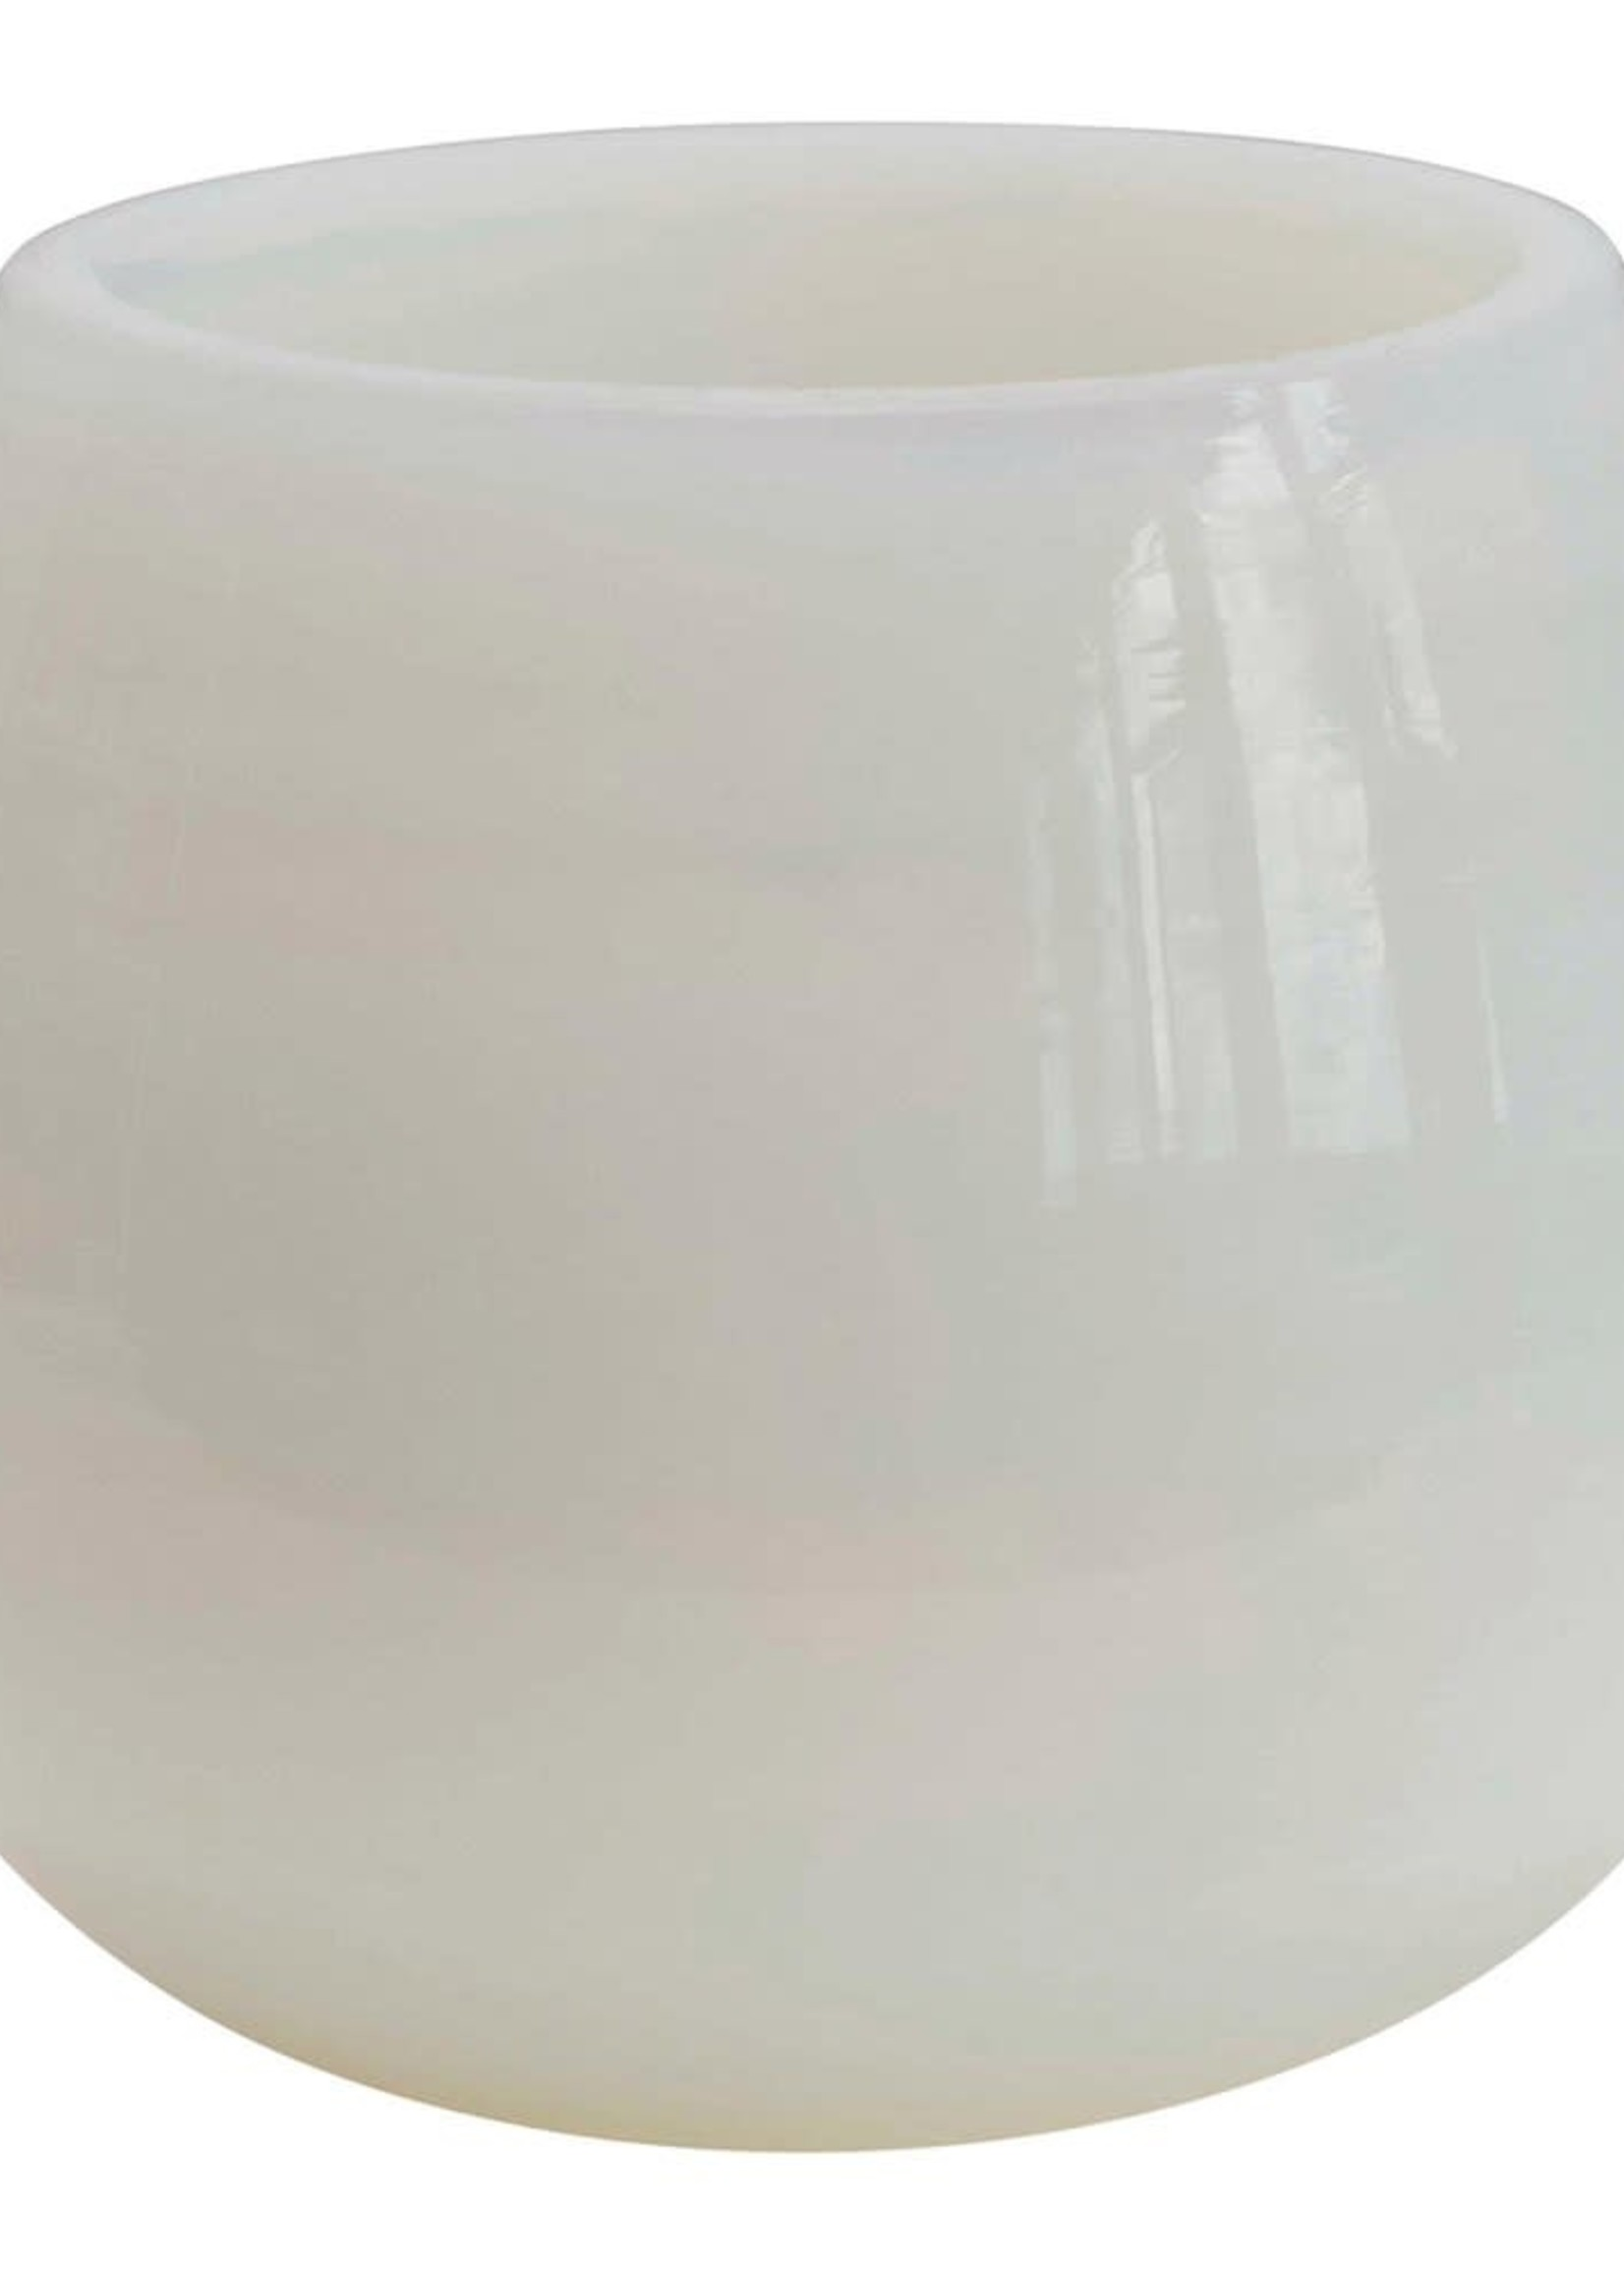 Glass Votive Holder, White Opal Finish